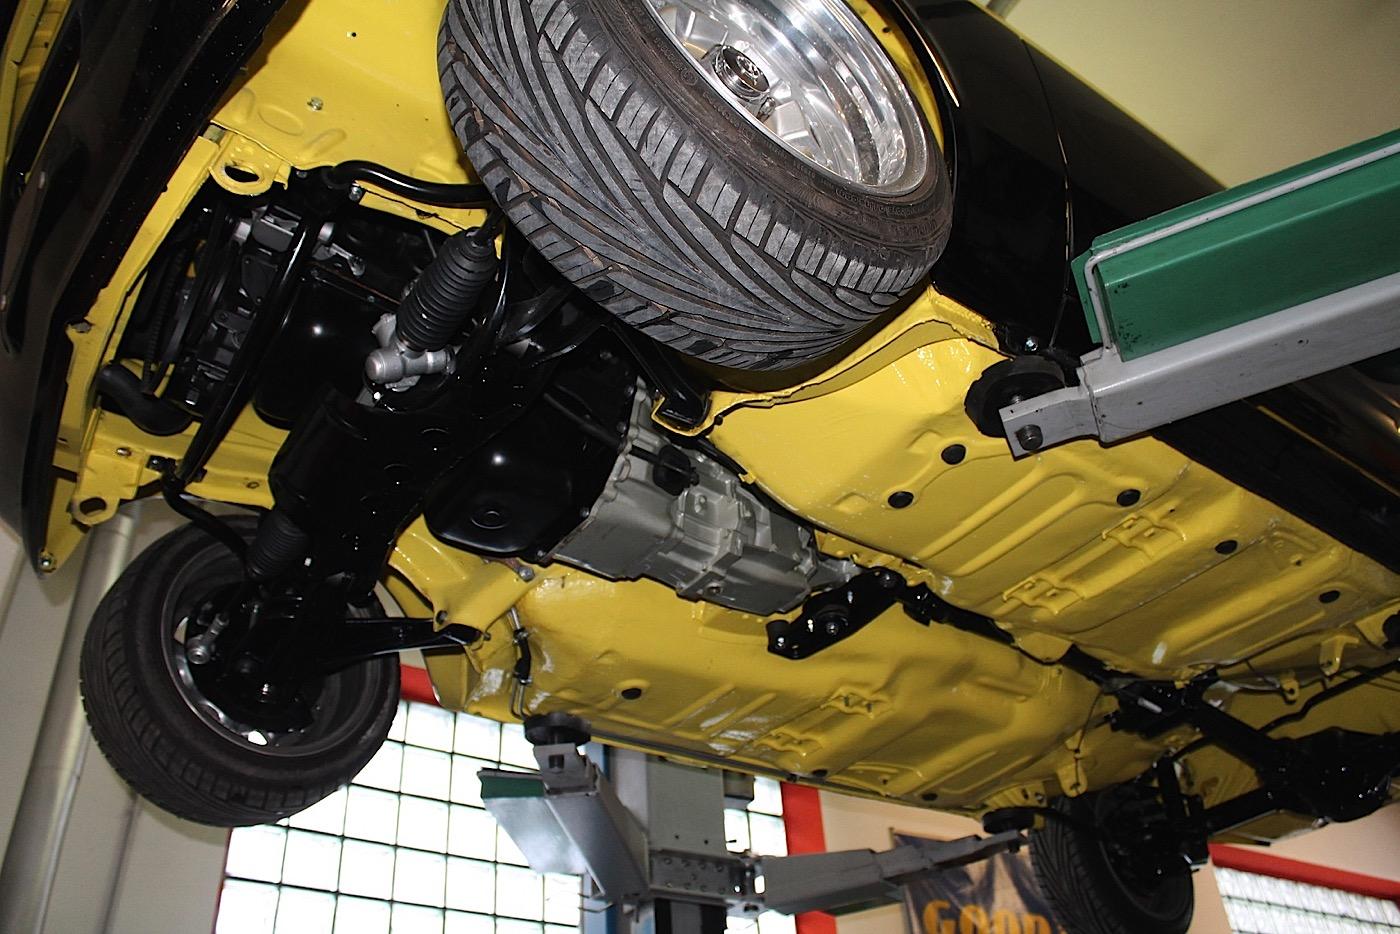 Opel Rallye C Kadett Gte Holucar Oldtimerrestaurierung